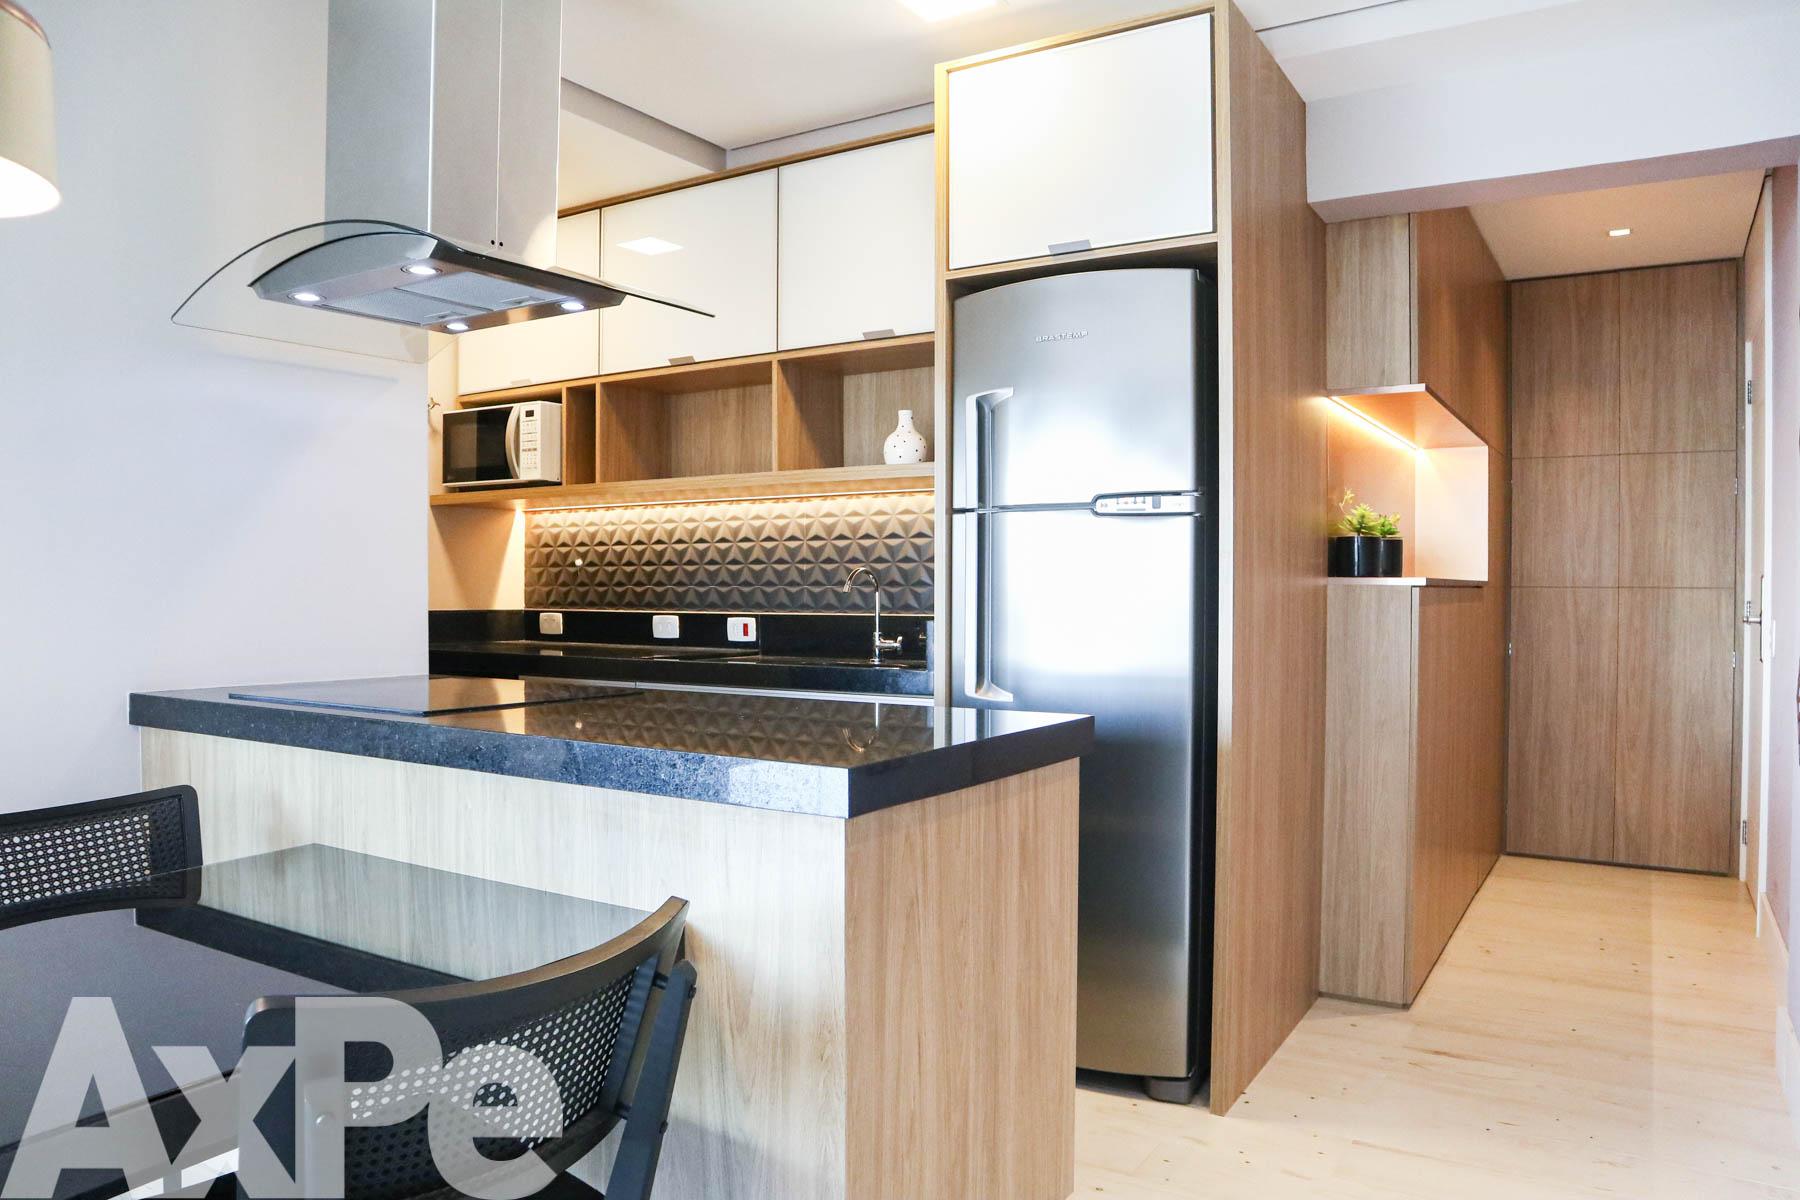 Axpe Apartamento - AX141345